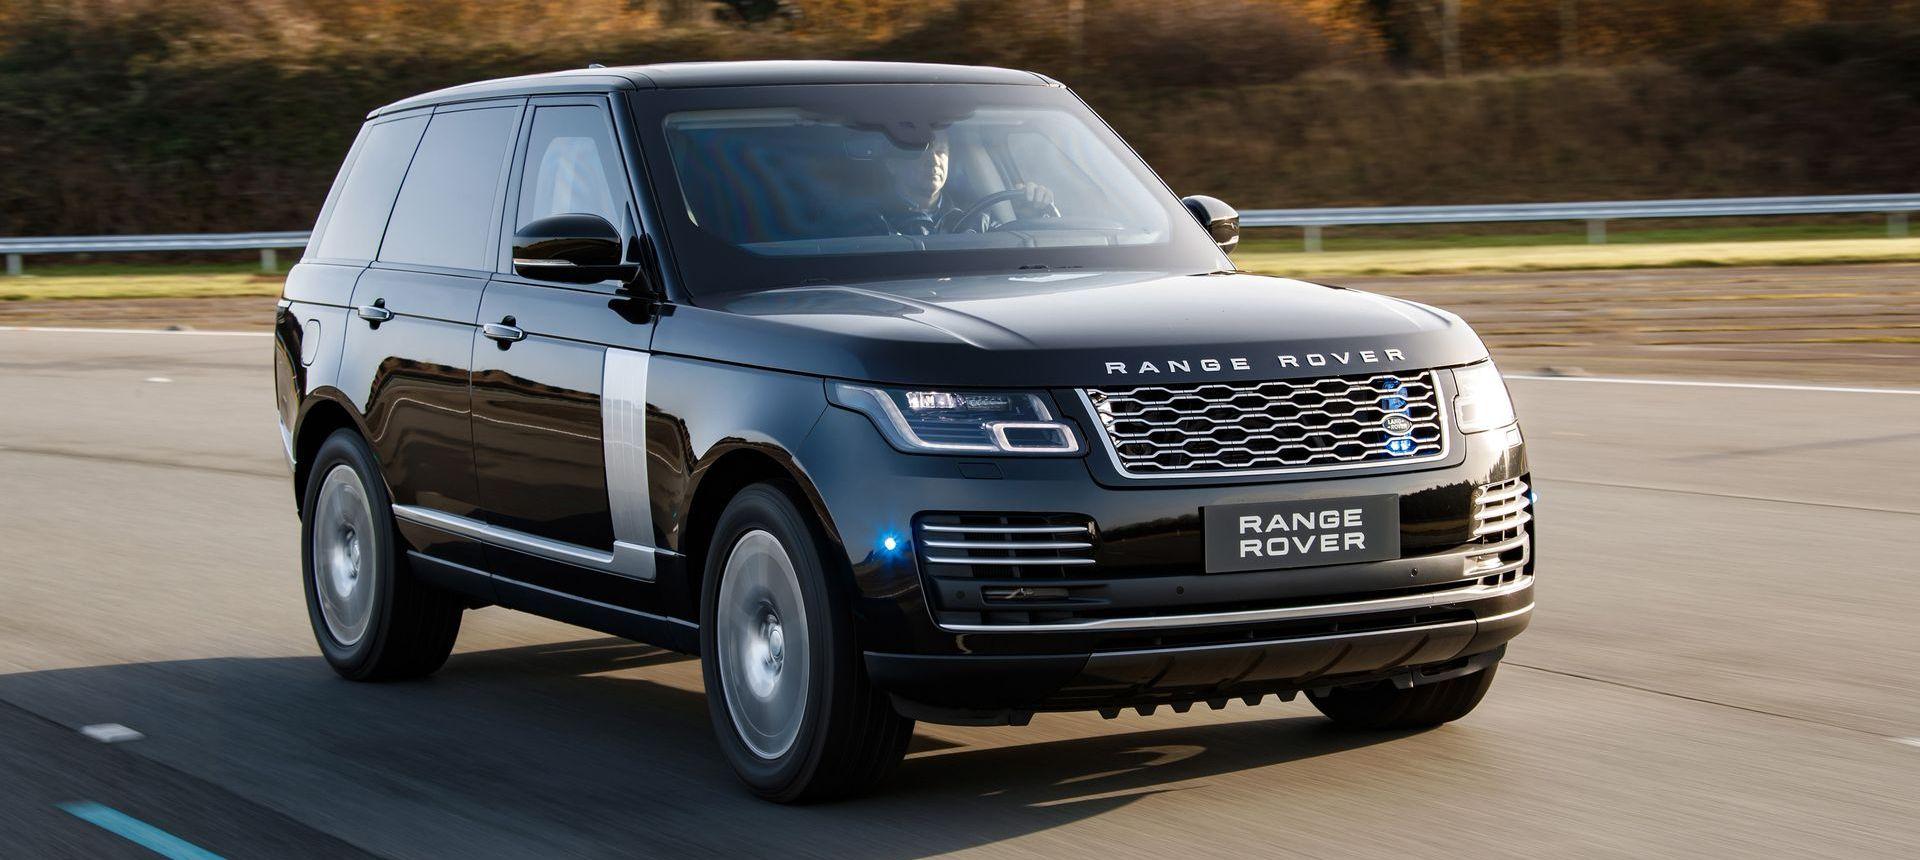 range rover sentinel 2019 todo sobre el suv blindado diariomotor. Black Bedroom Furniture Sets. Home Design Ideas